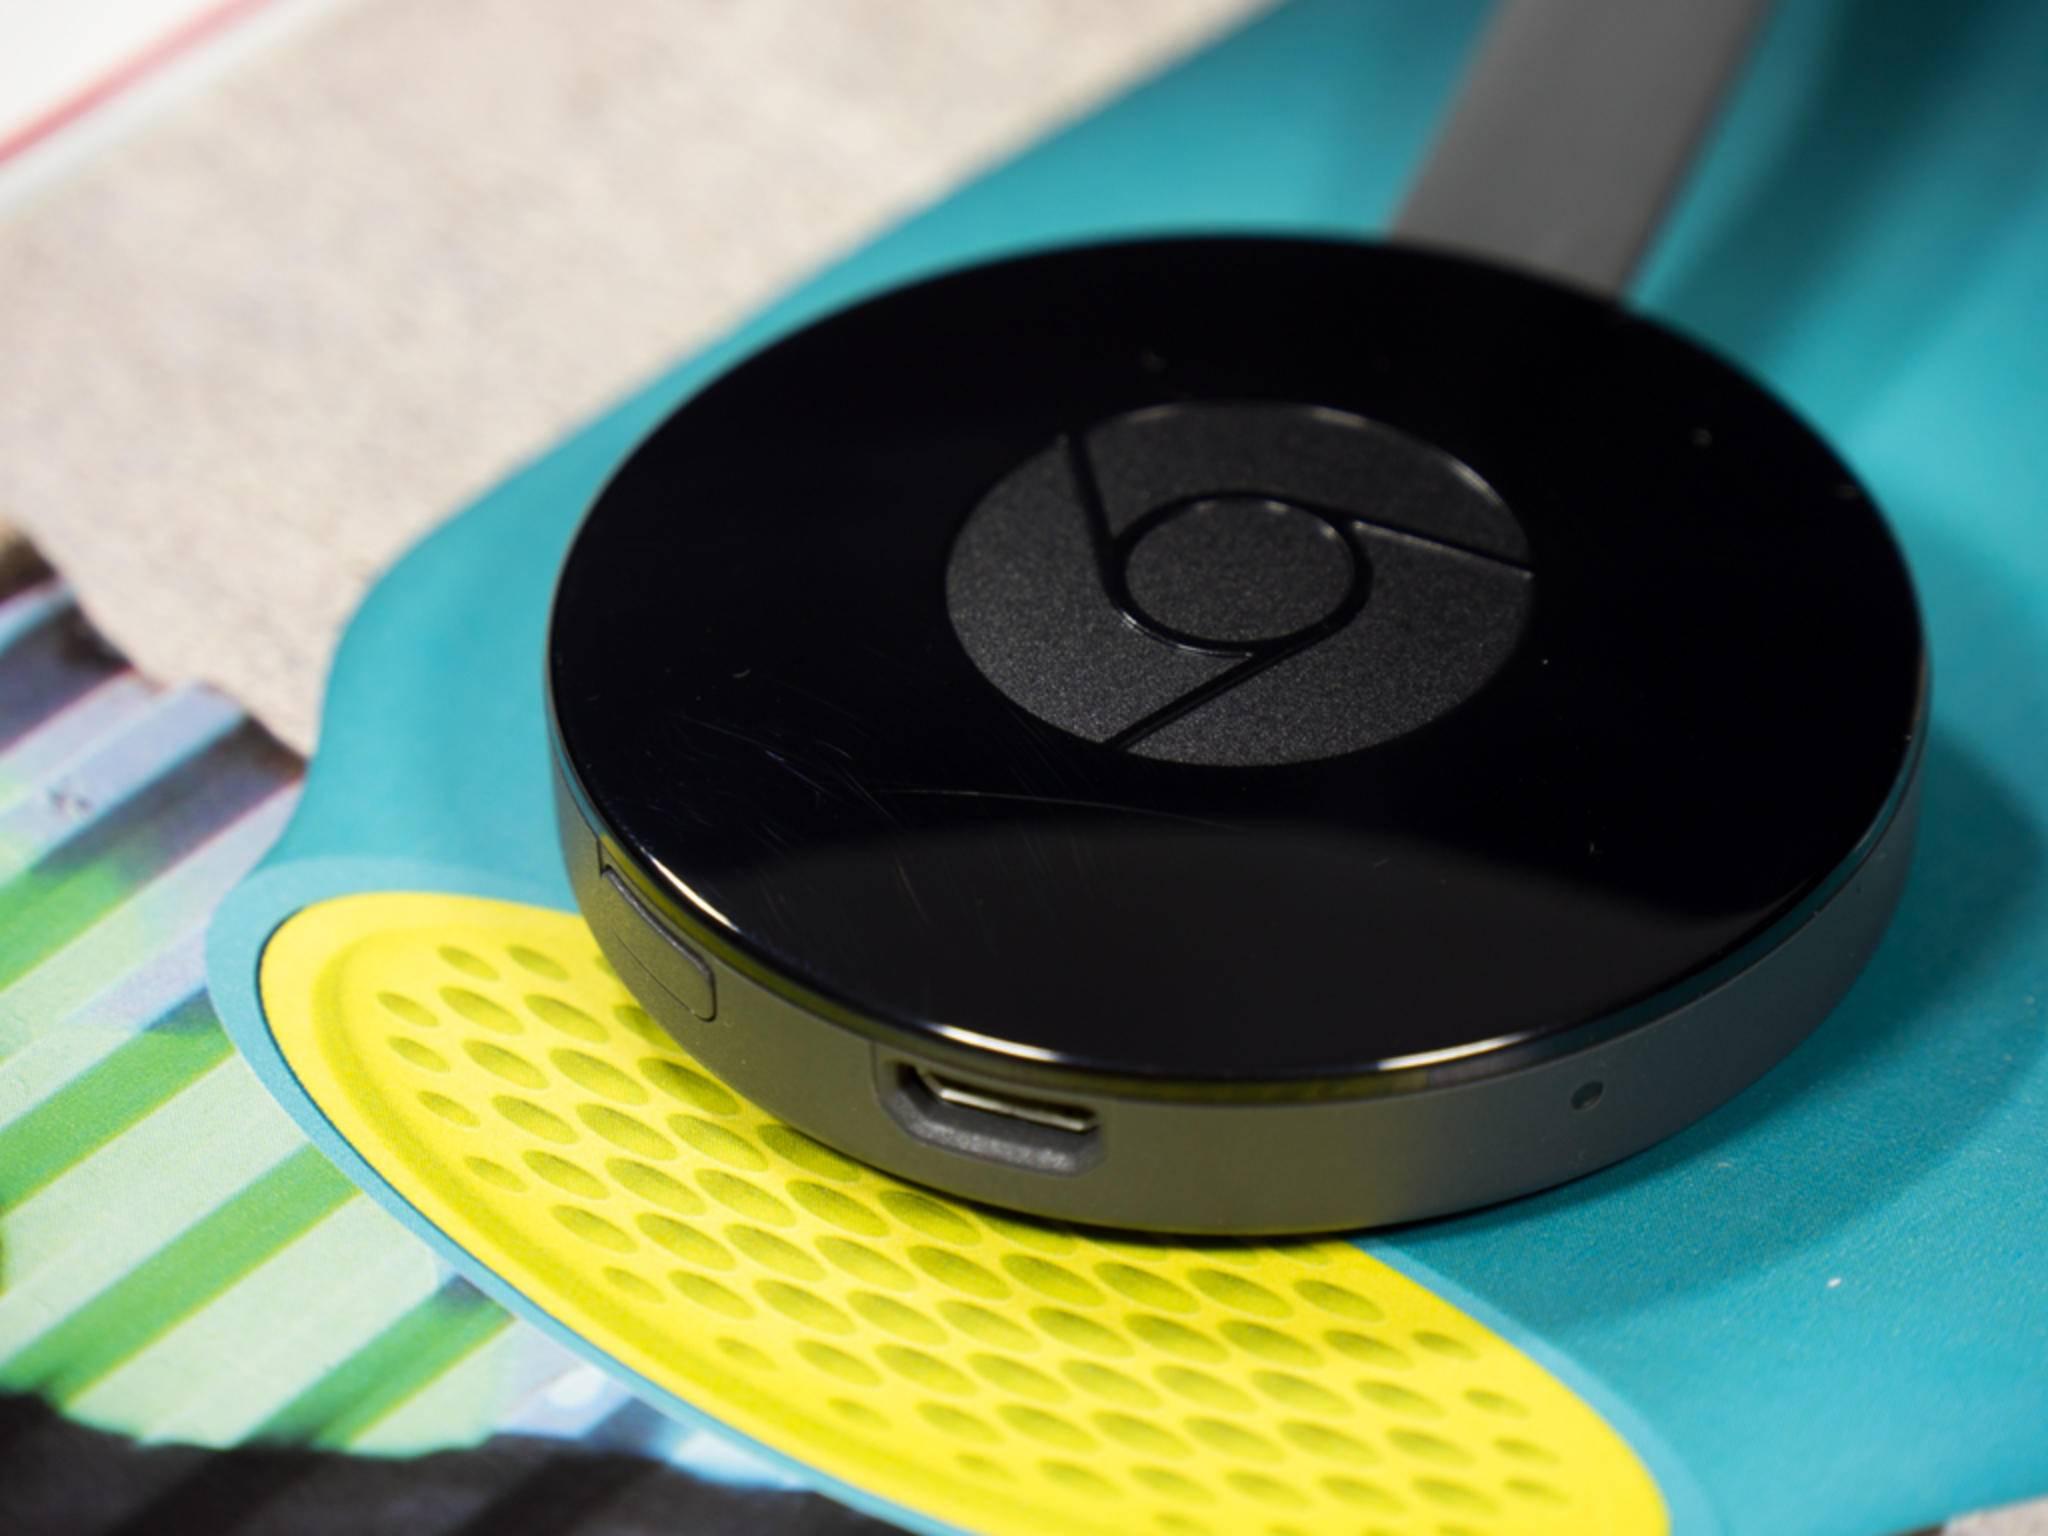 Der Chromecast eignet sich bestens als Reisebegleiter.